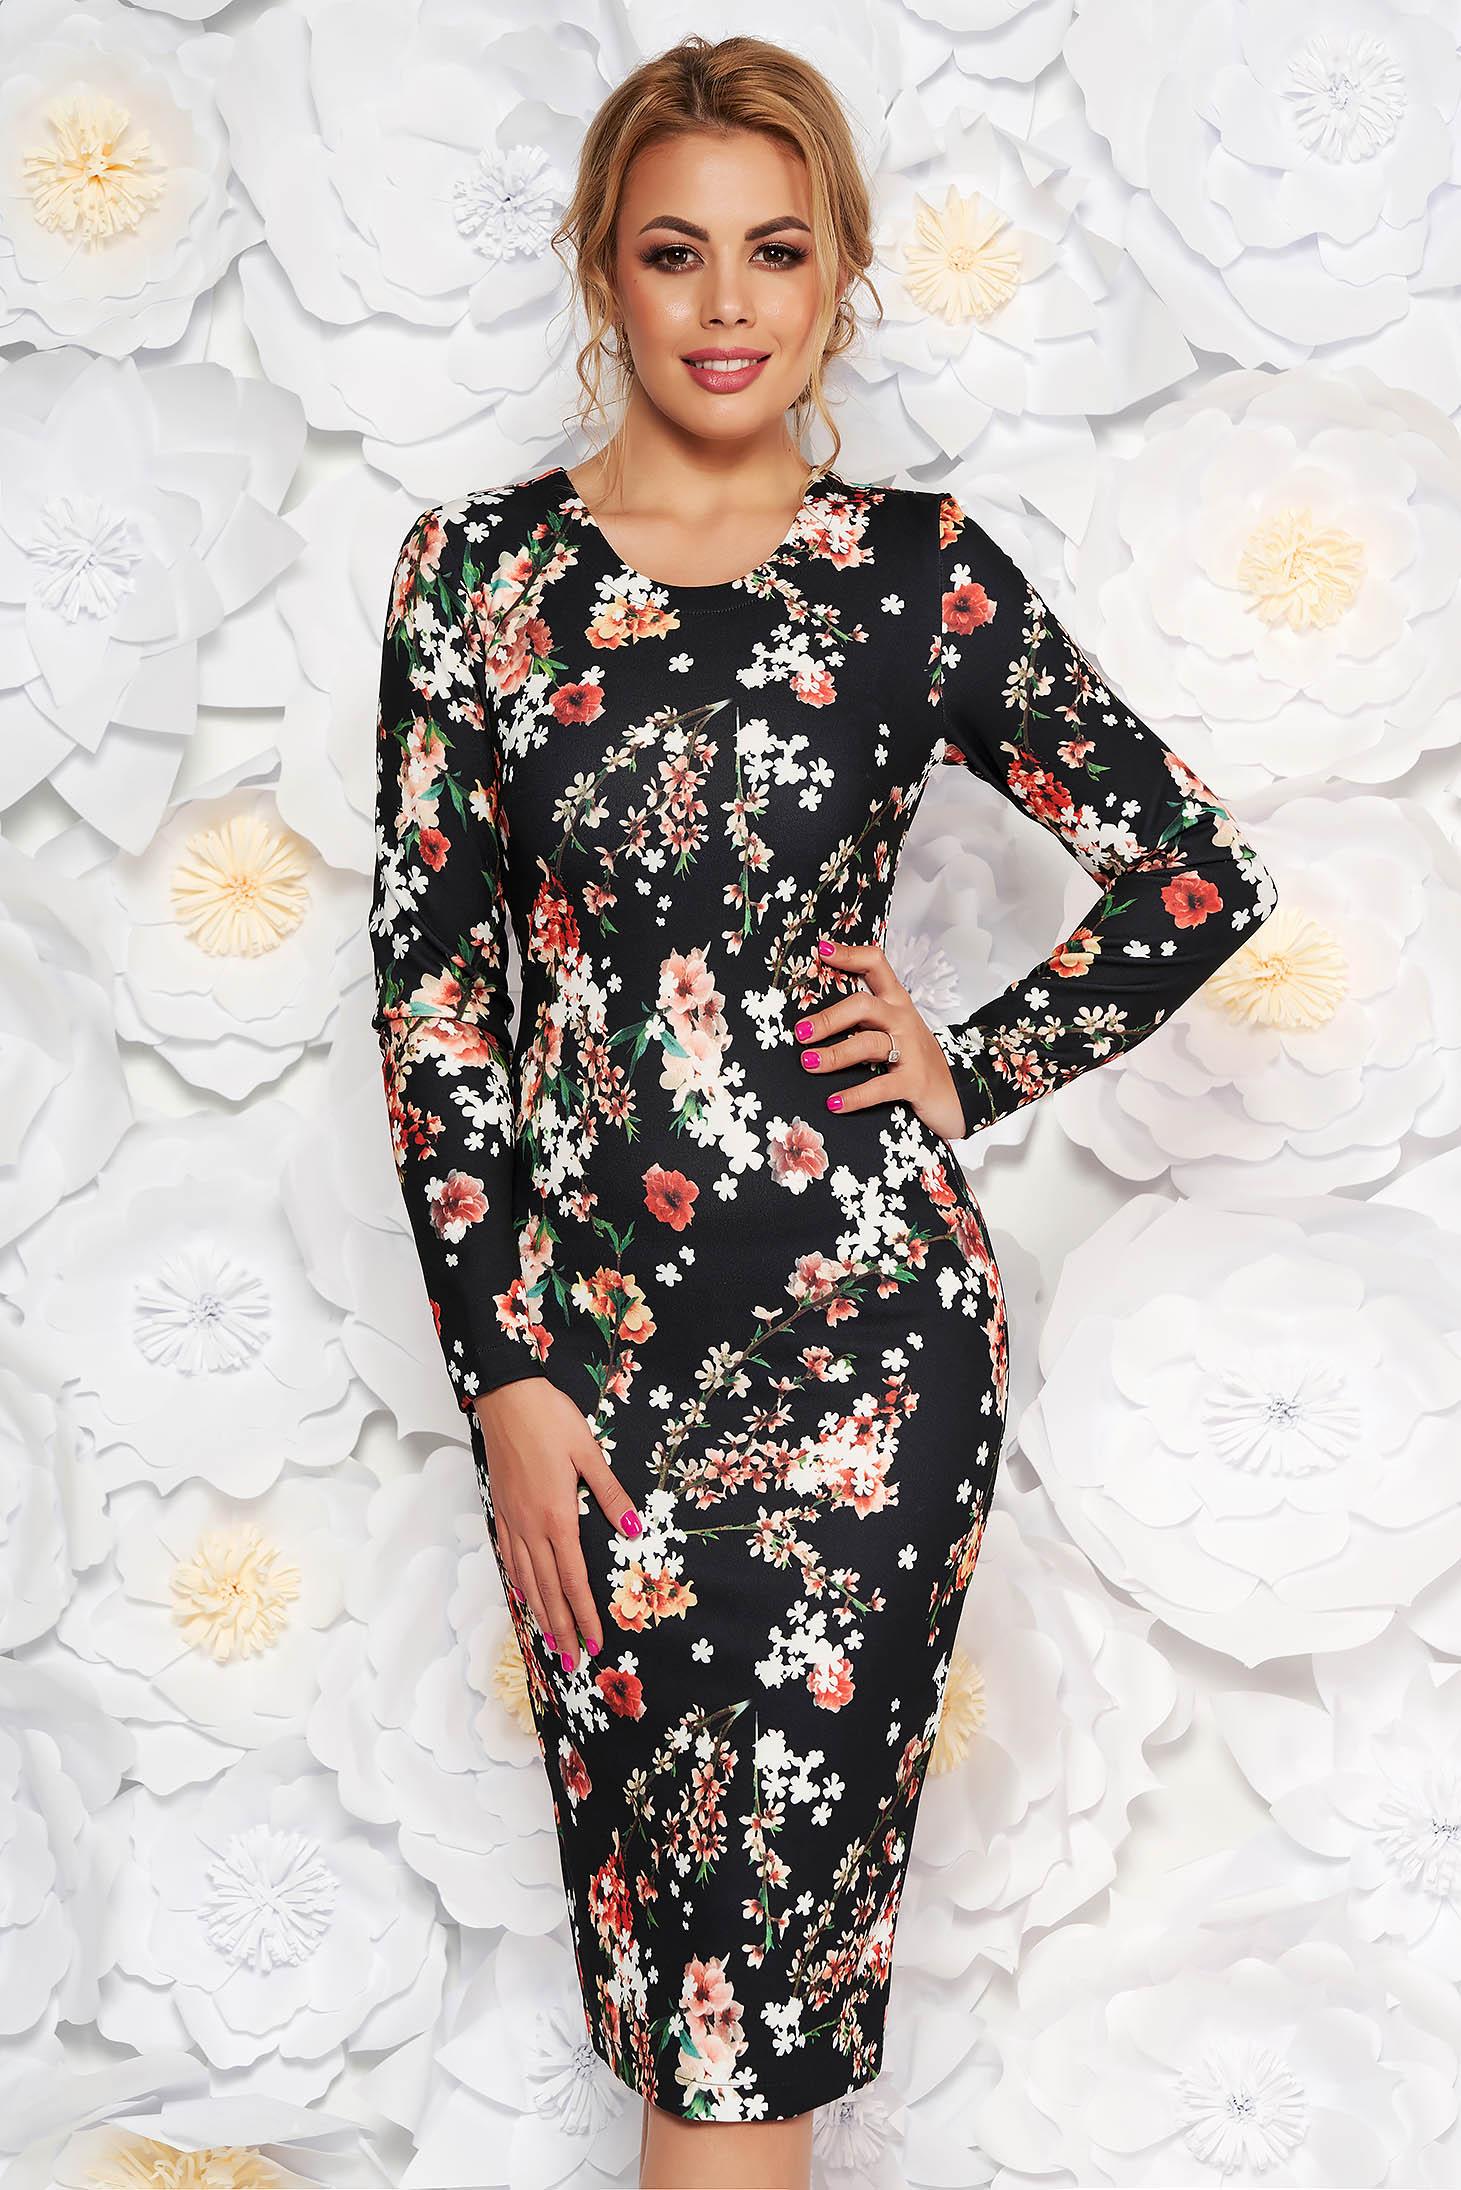 Fekete StarShinerS hétköznapi midi ruha szűk szabás enyhén rugalmas anyag virágmintás